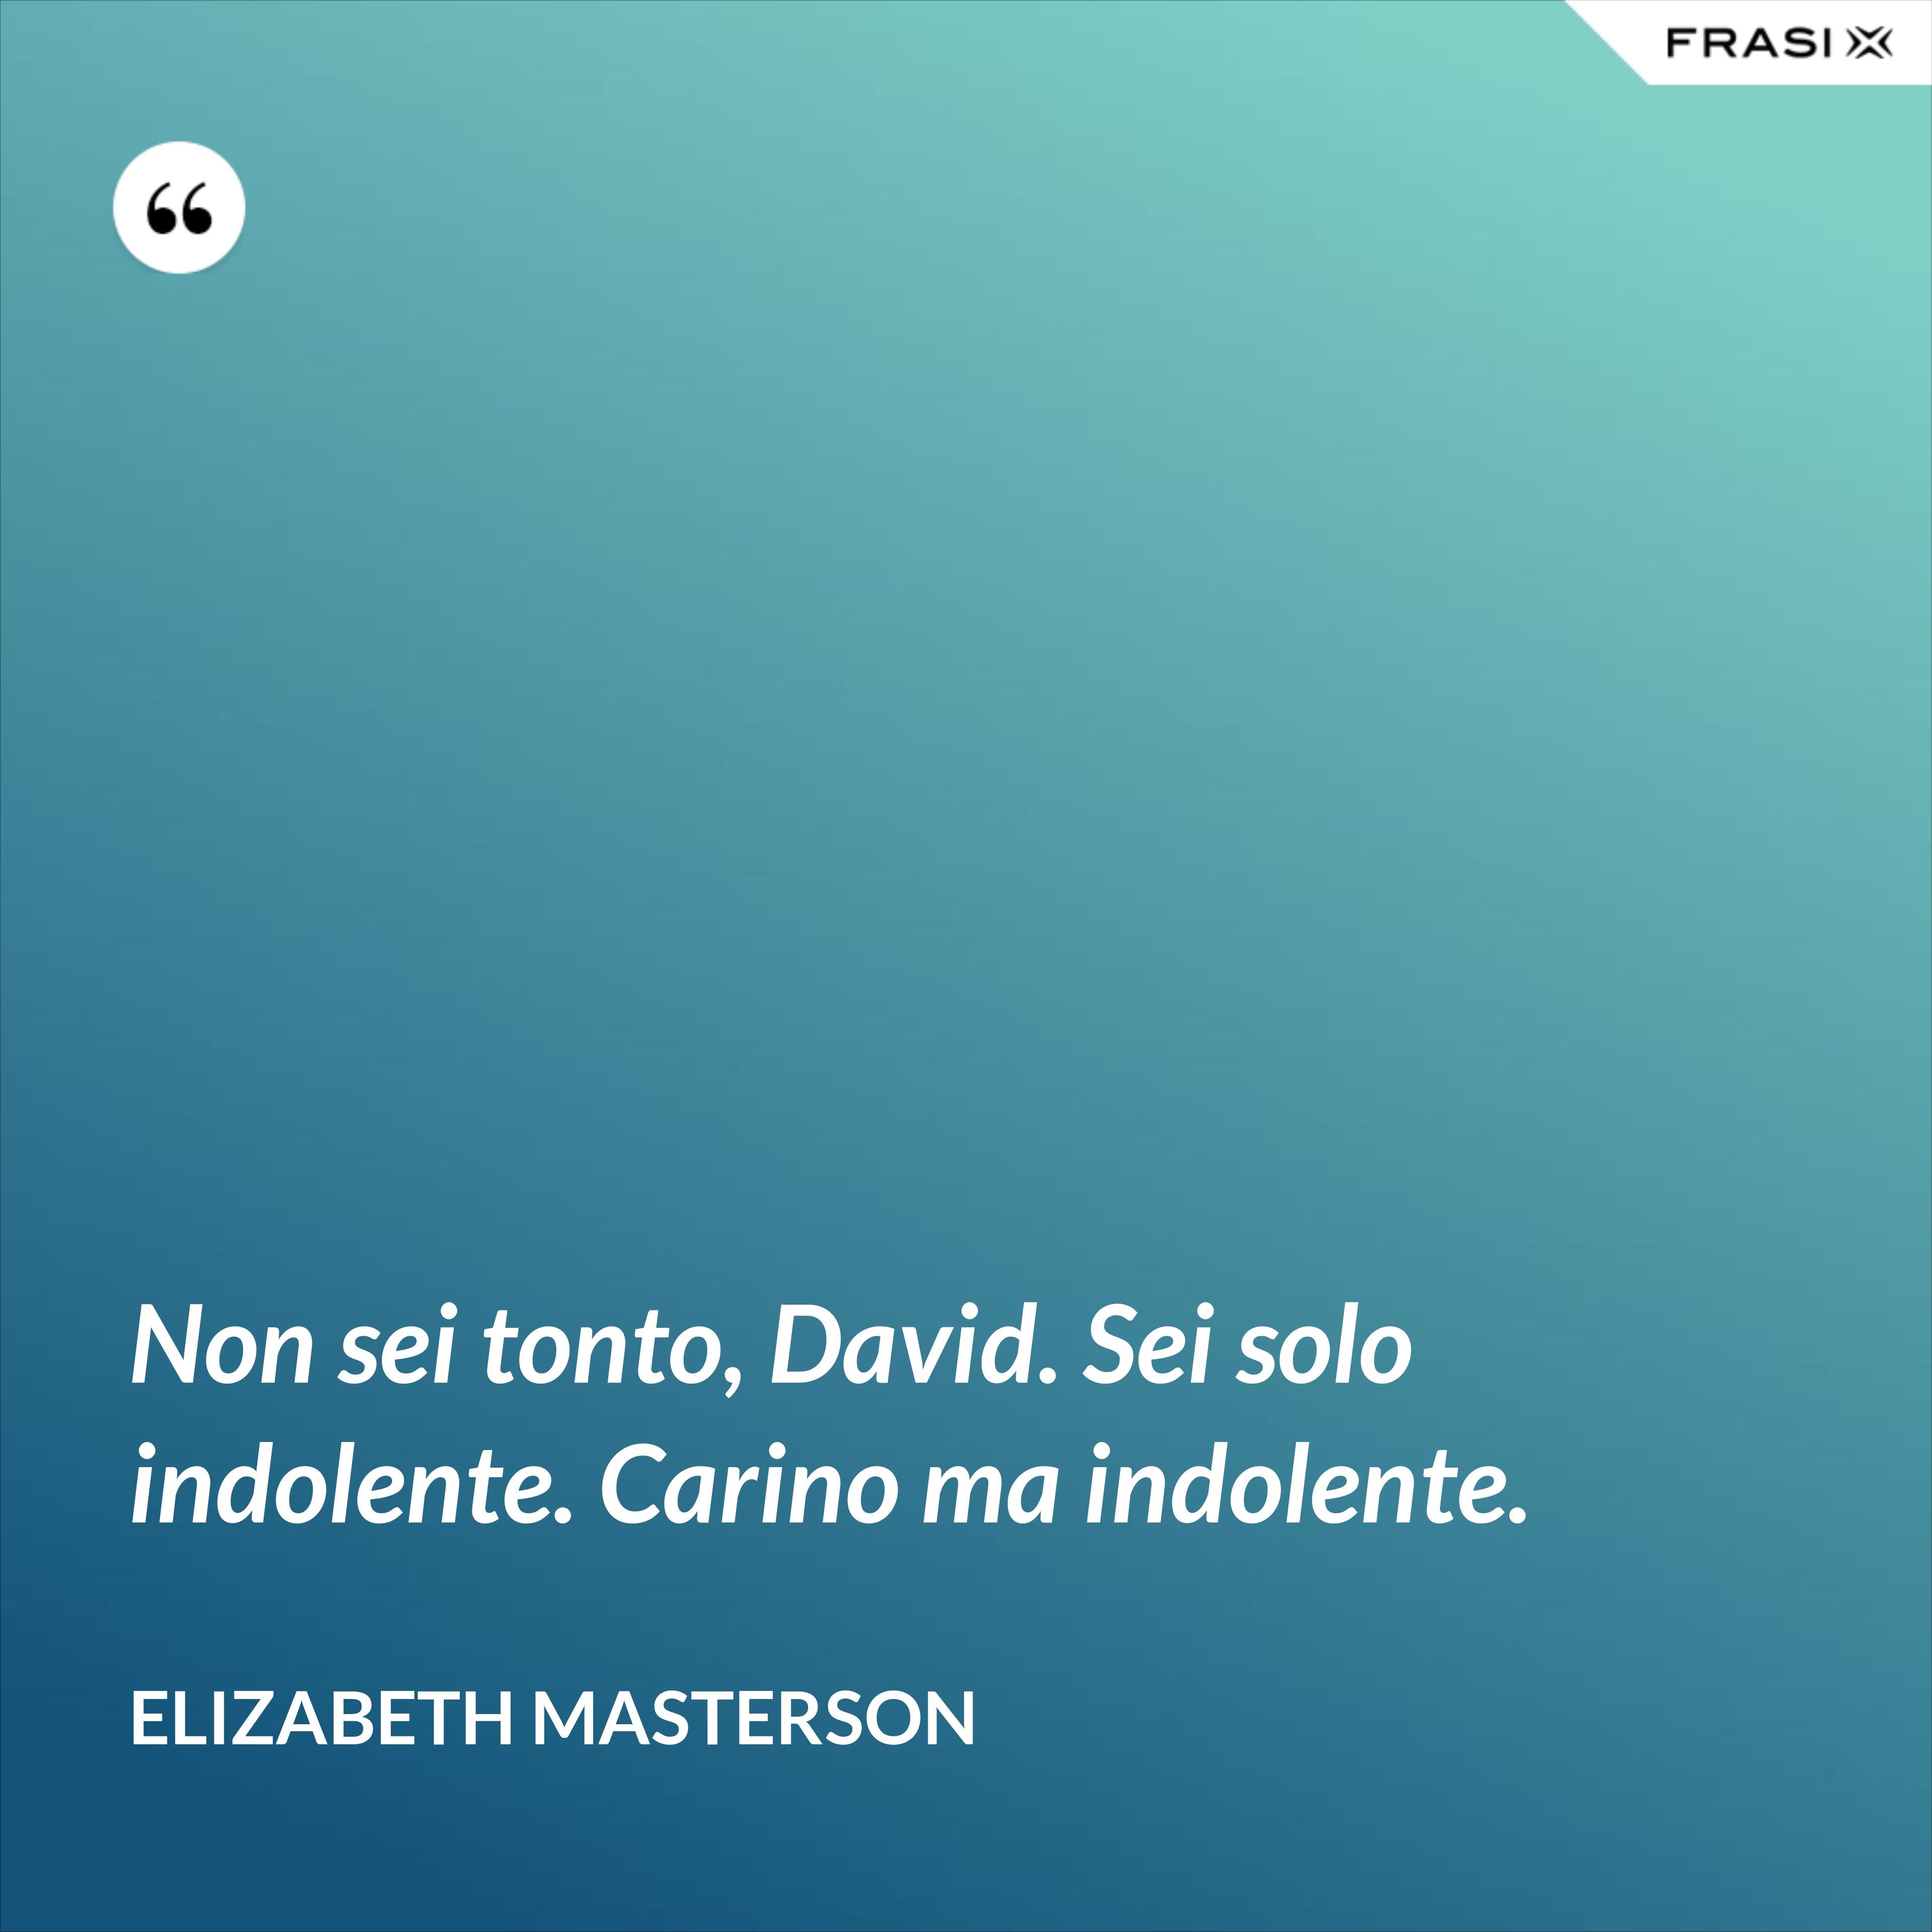 Non sei tonto, David. Sei solo indolente. Carino ma indolente. - Elizabeth Masterson